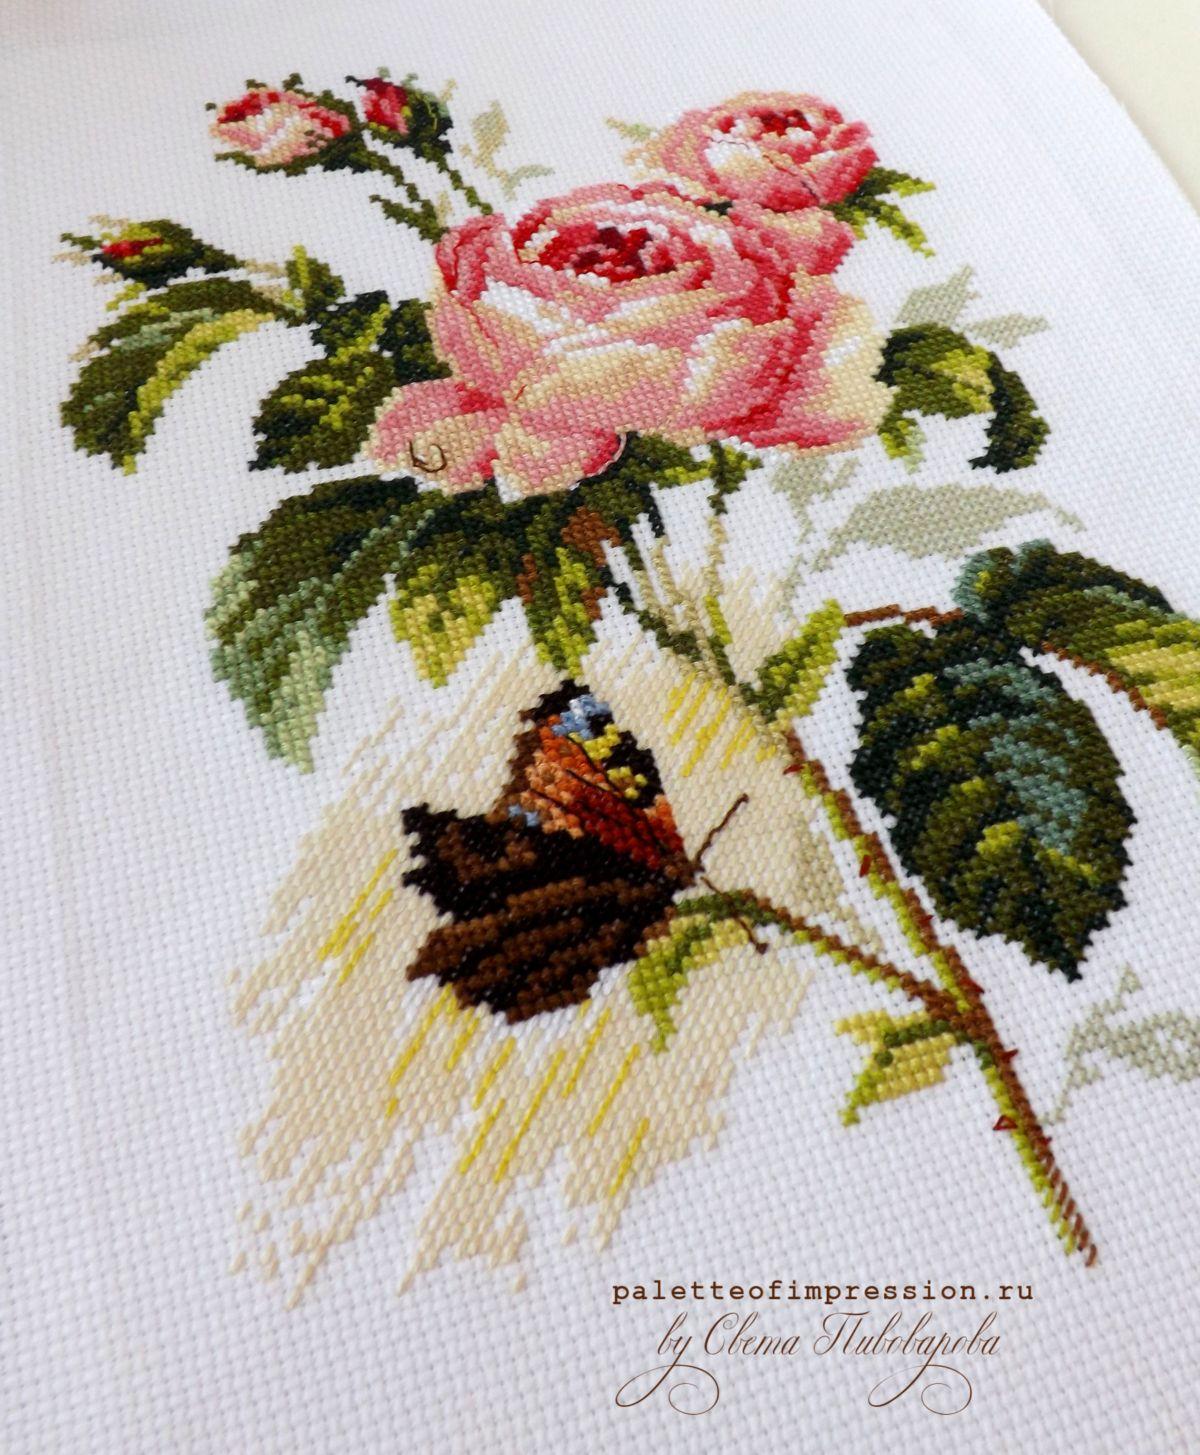 Роза и крест спектакль смотреть 27 фотография